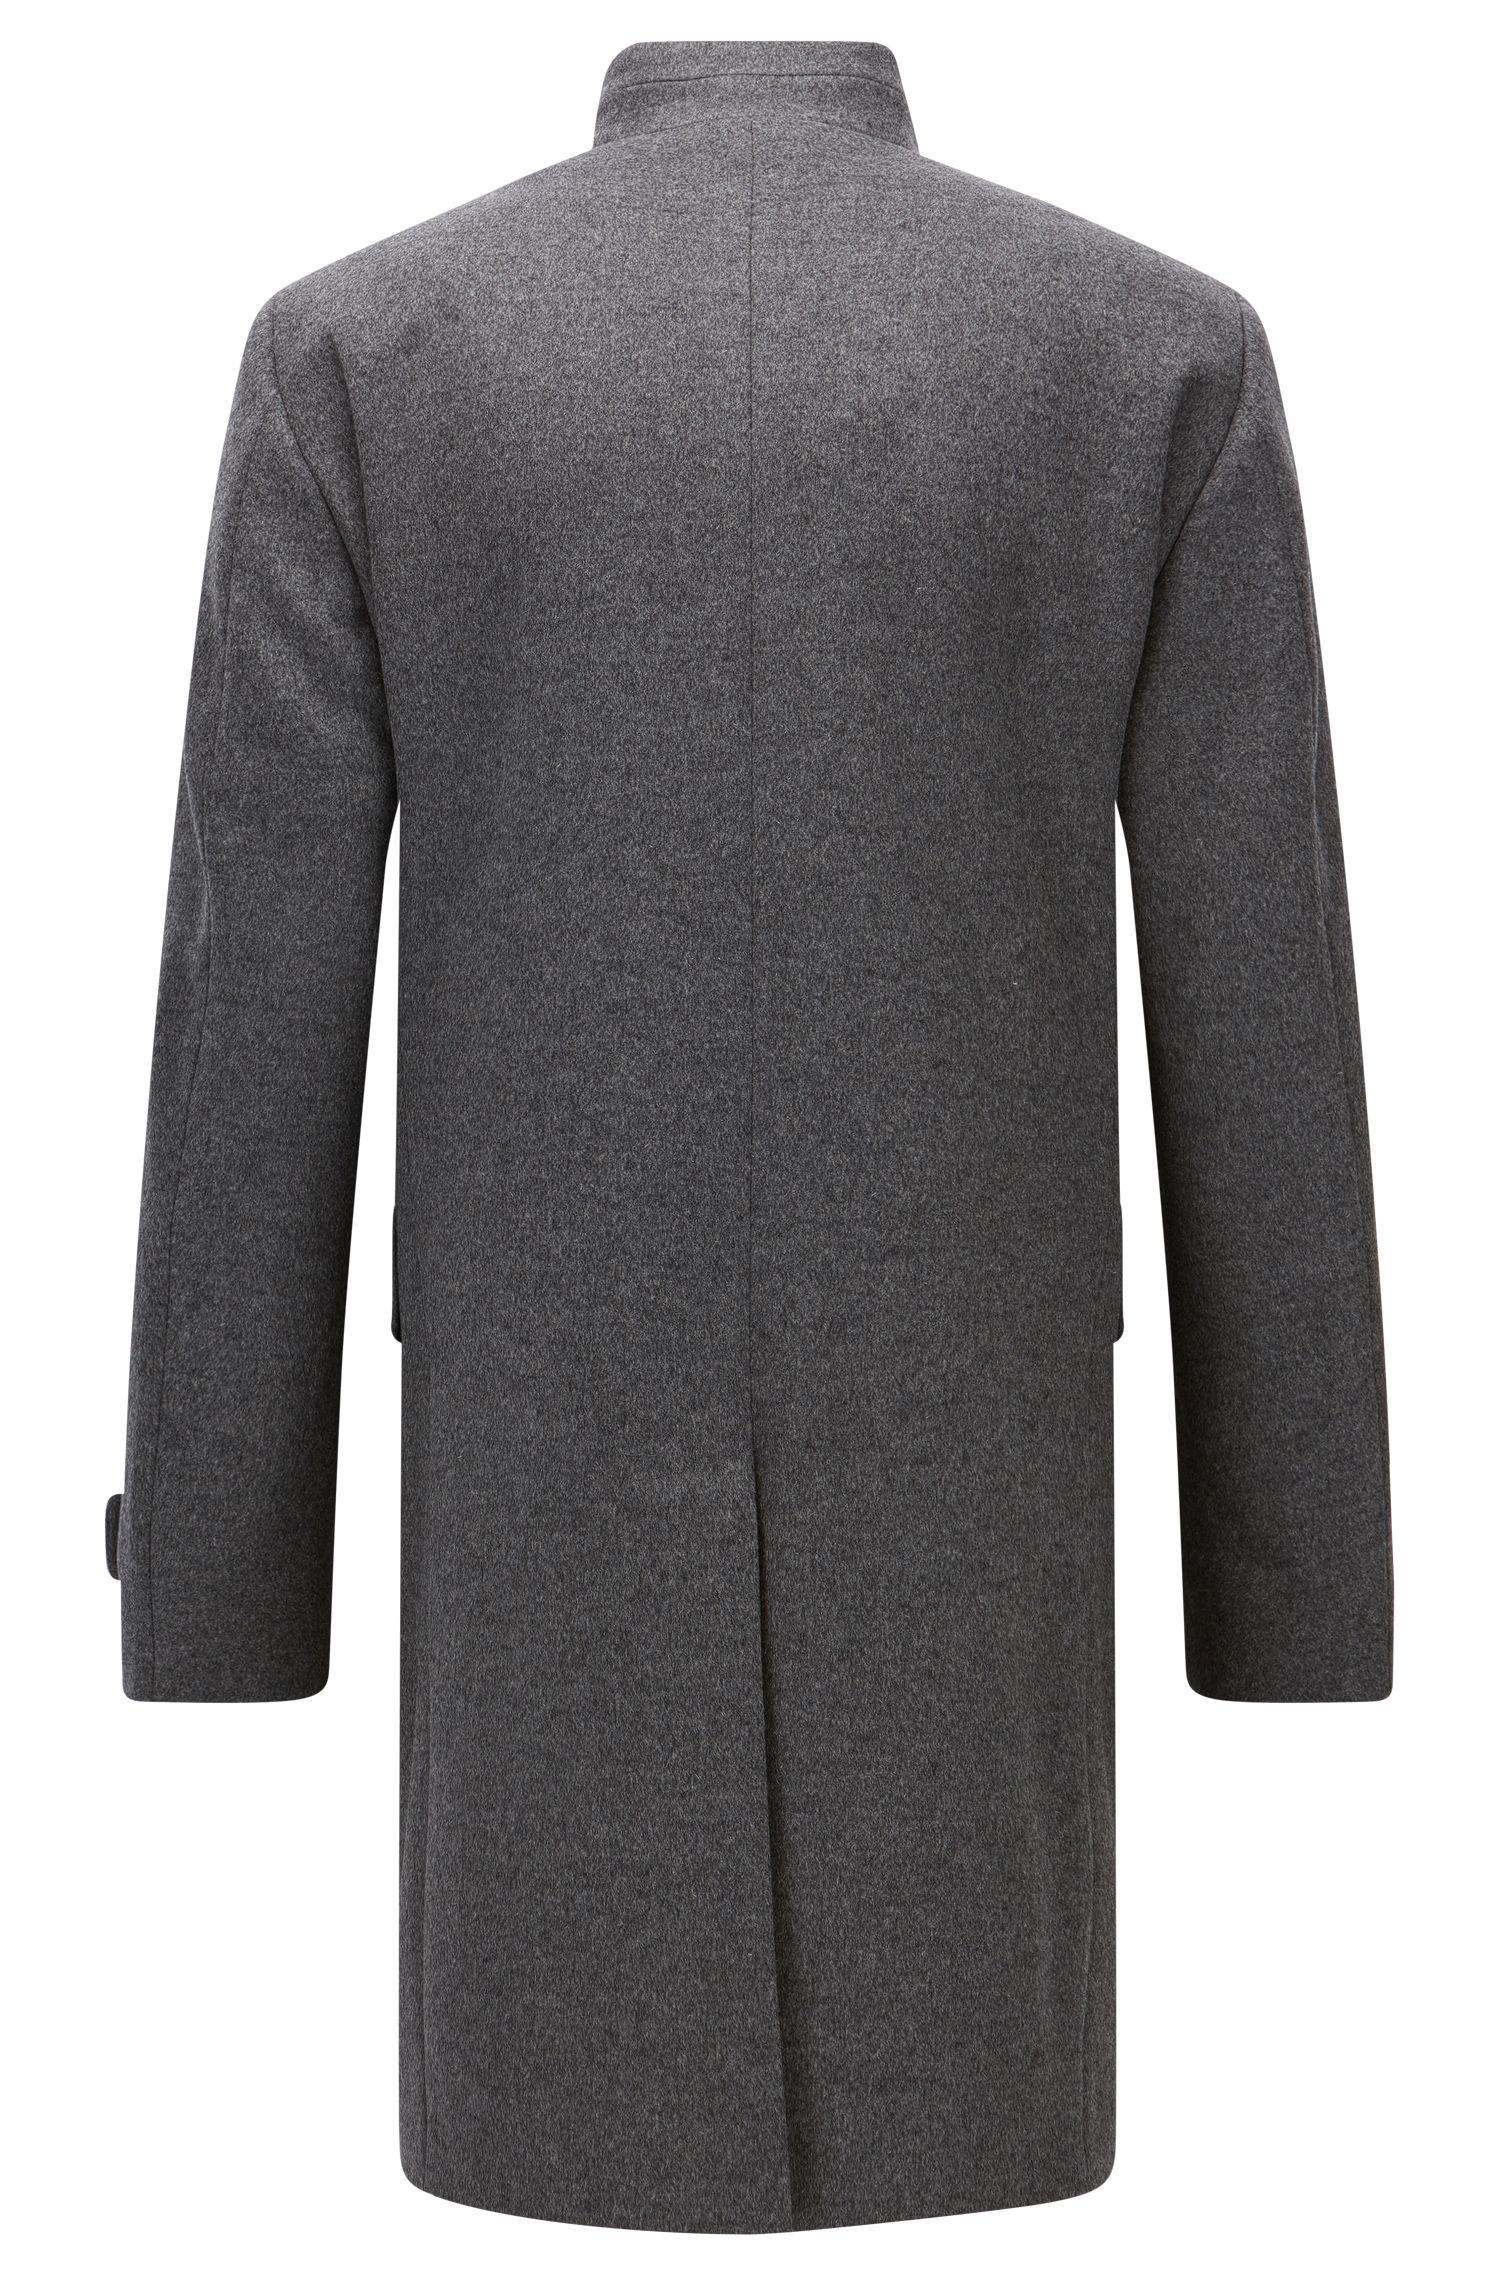 Virgin Wool Cashmere Coat | Sintrax